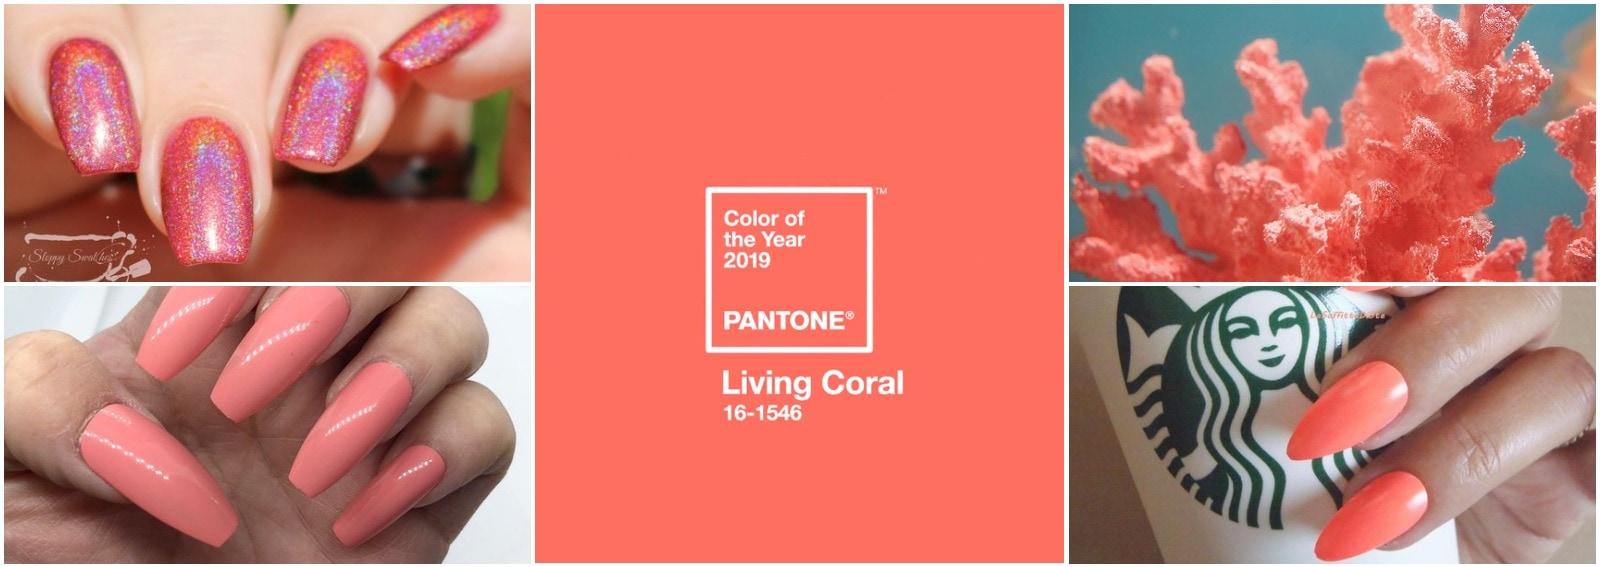 unghie-corallo-2019-nail-art-pantone-living-coral-manicure-COVER-DESKTOP